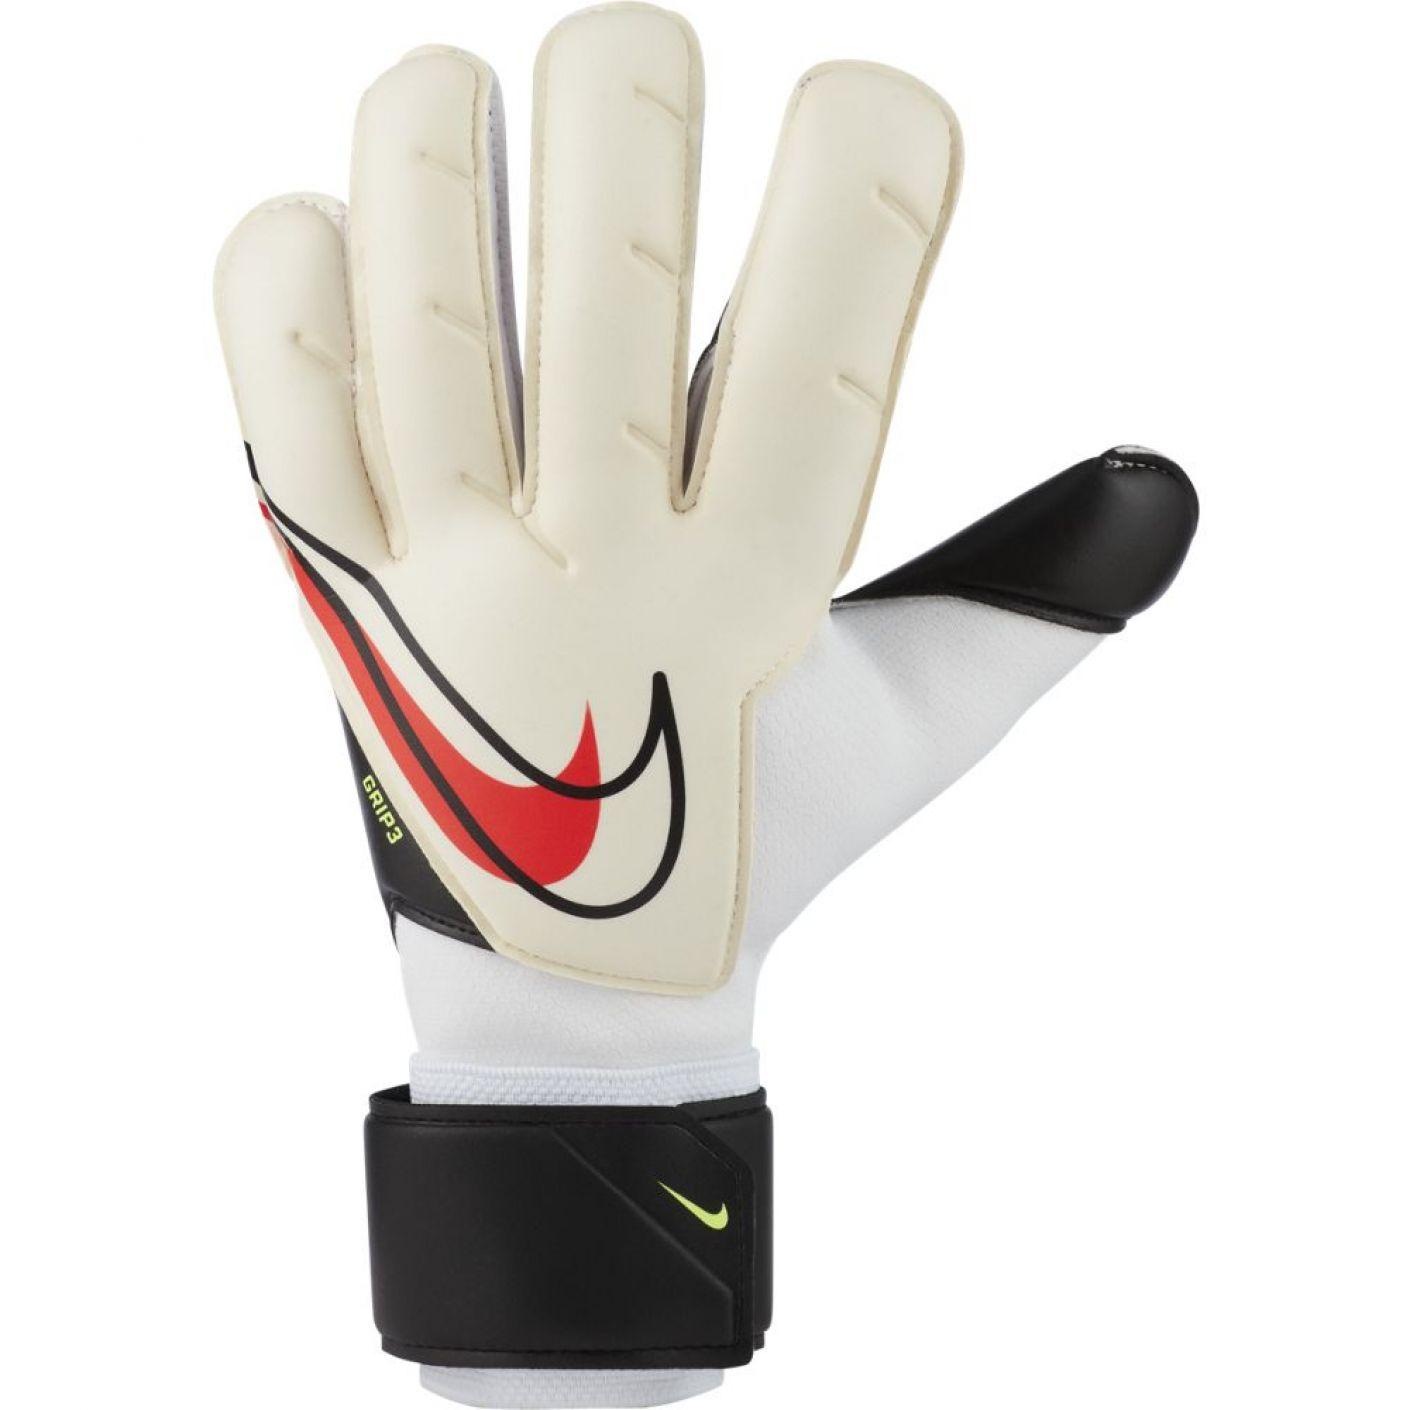 Nike Keepershandschoenen Grip 3 Wit Zwart Rood